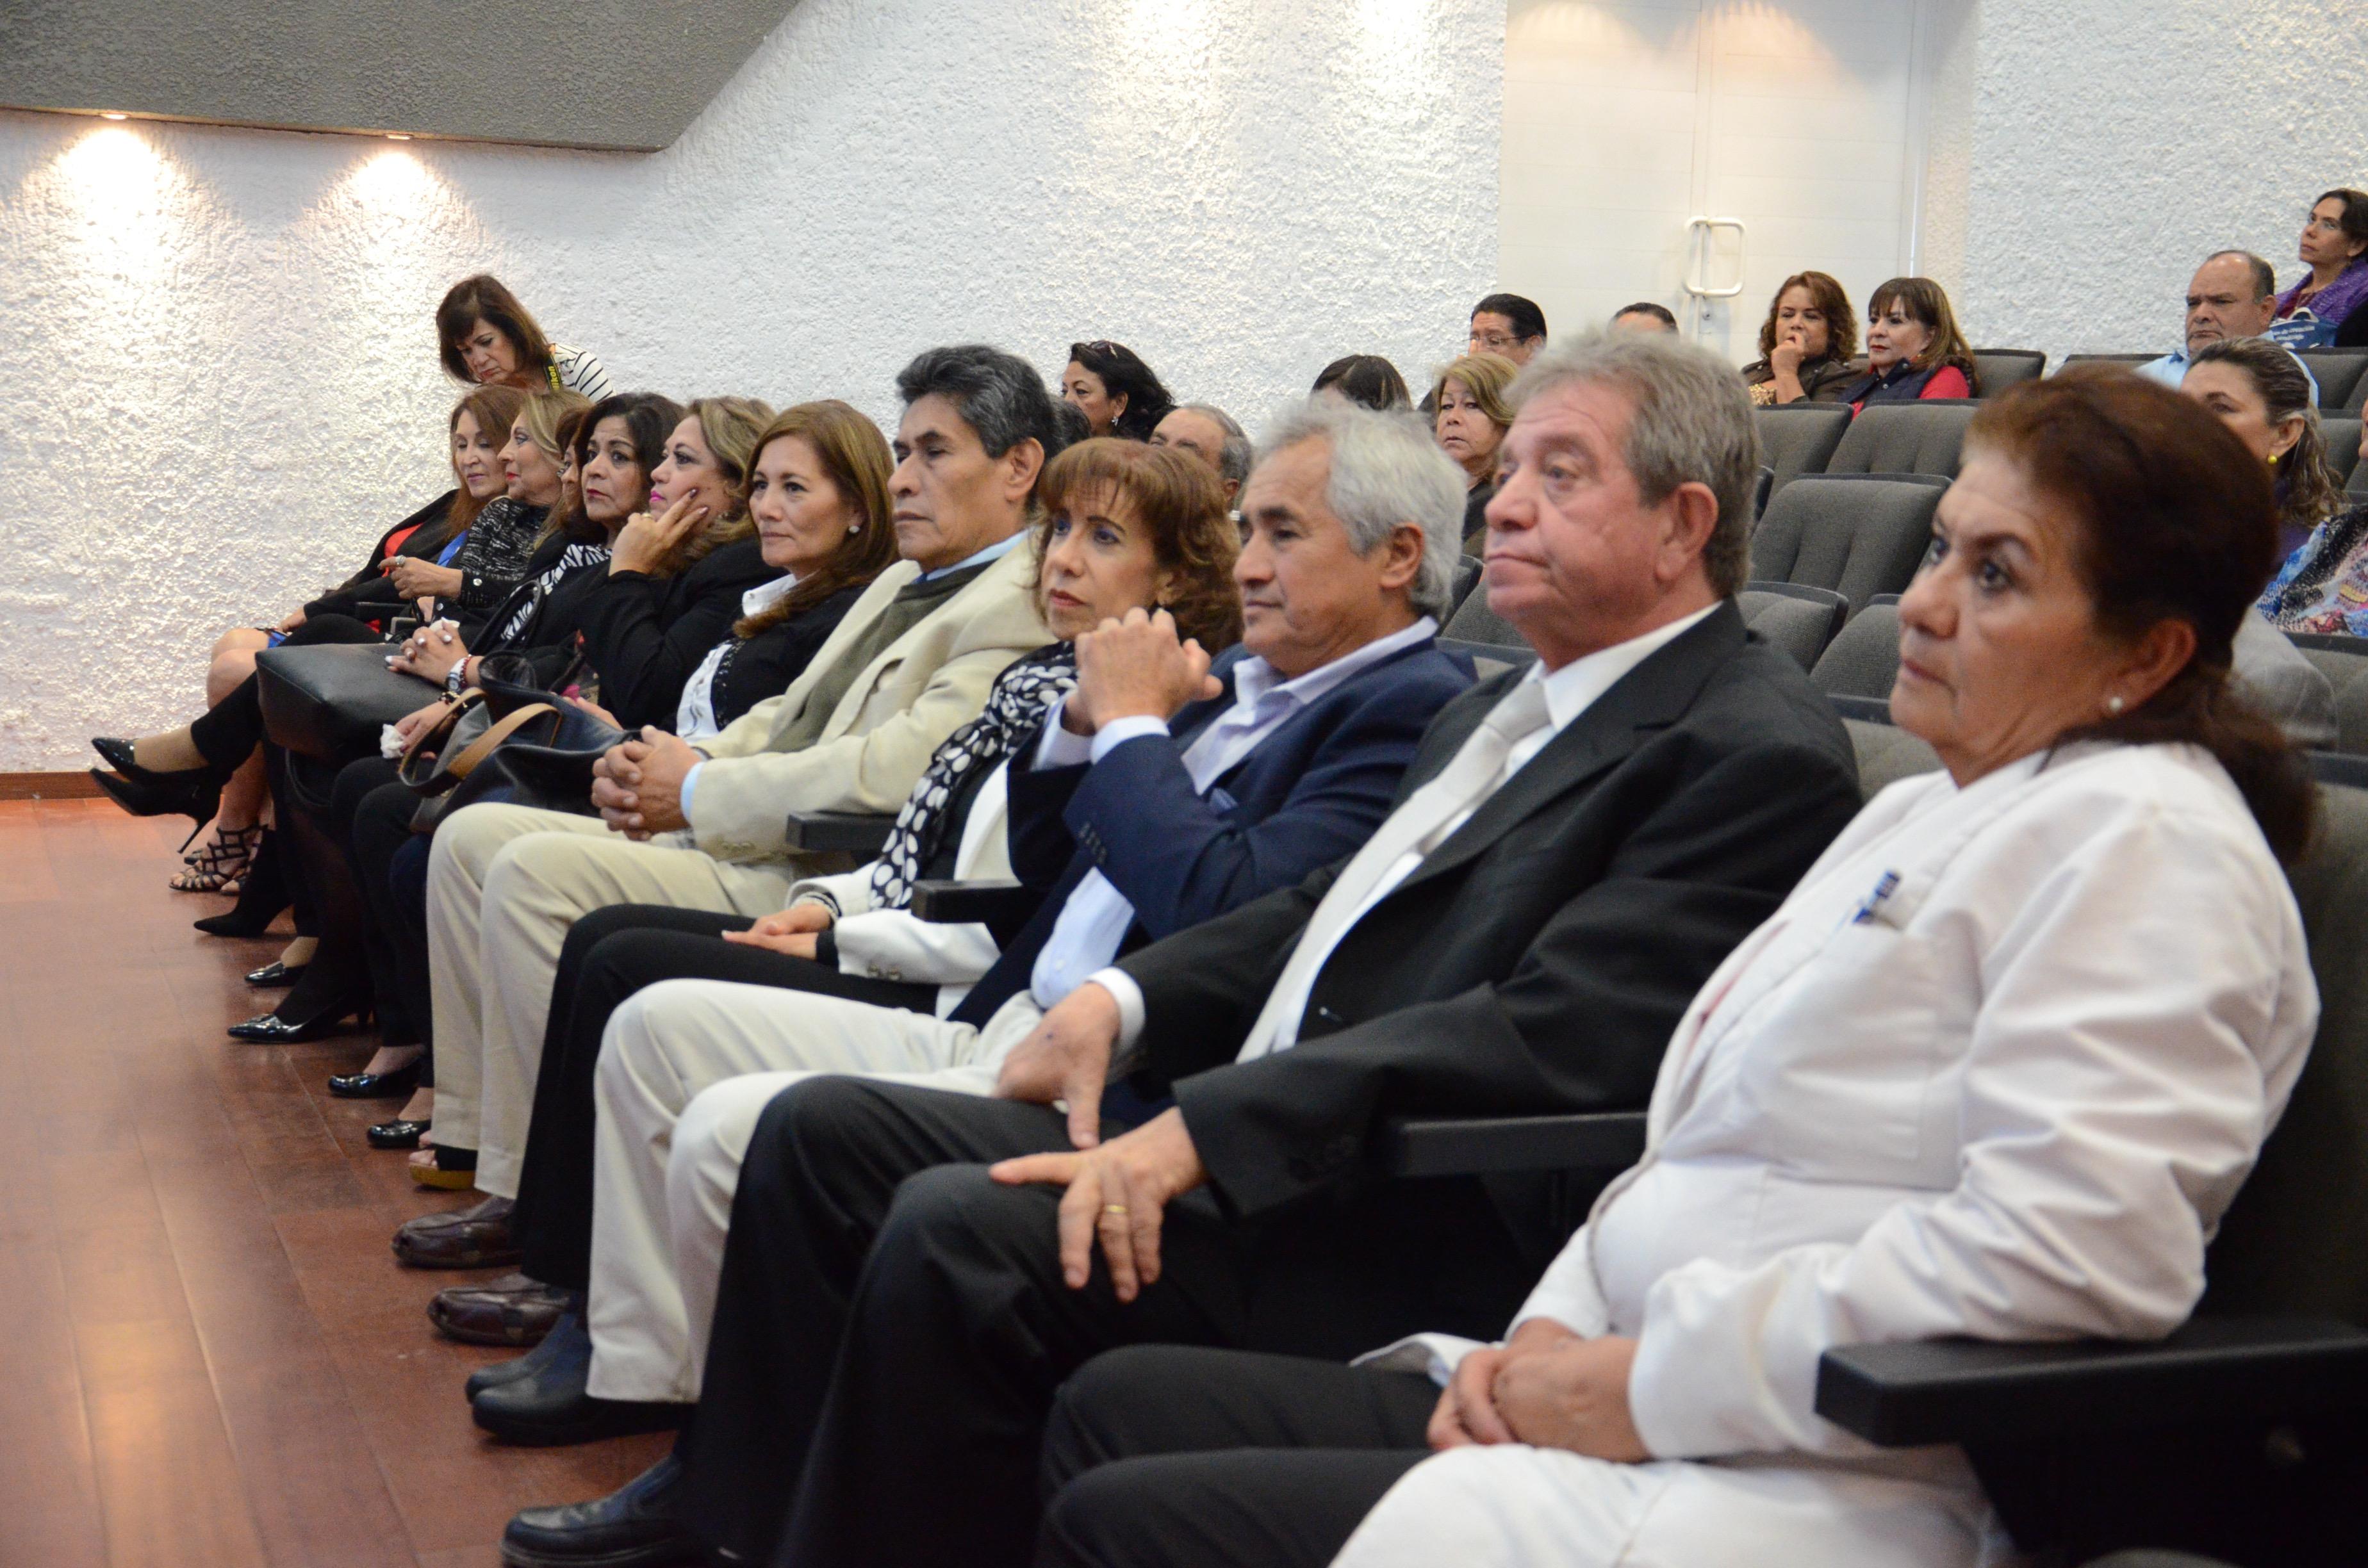 Odontólogos reconocidos sentados en las butacas del auditorio